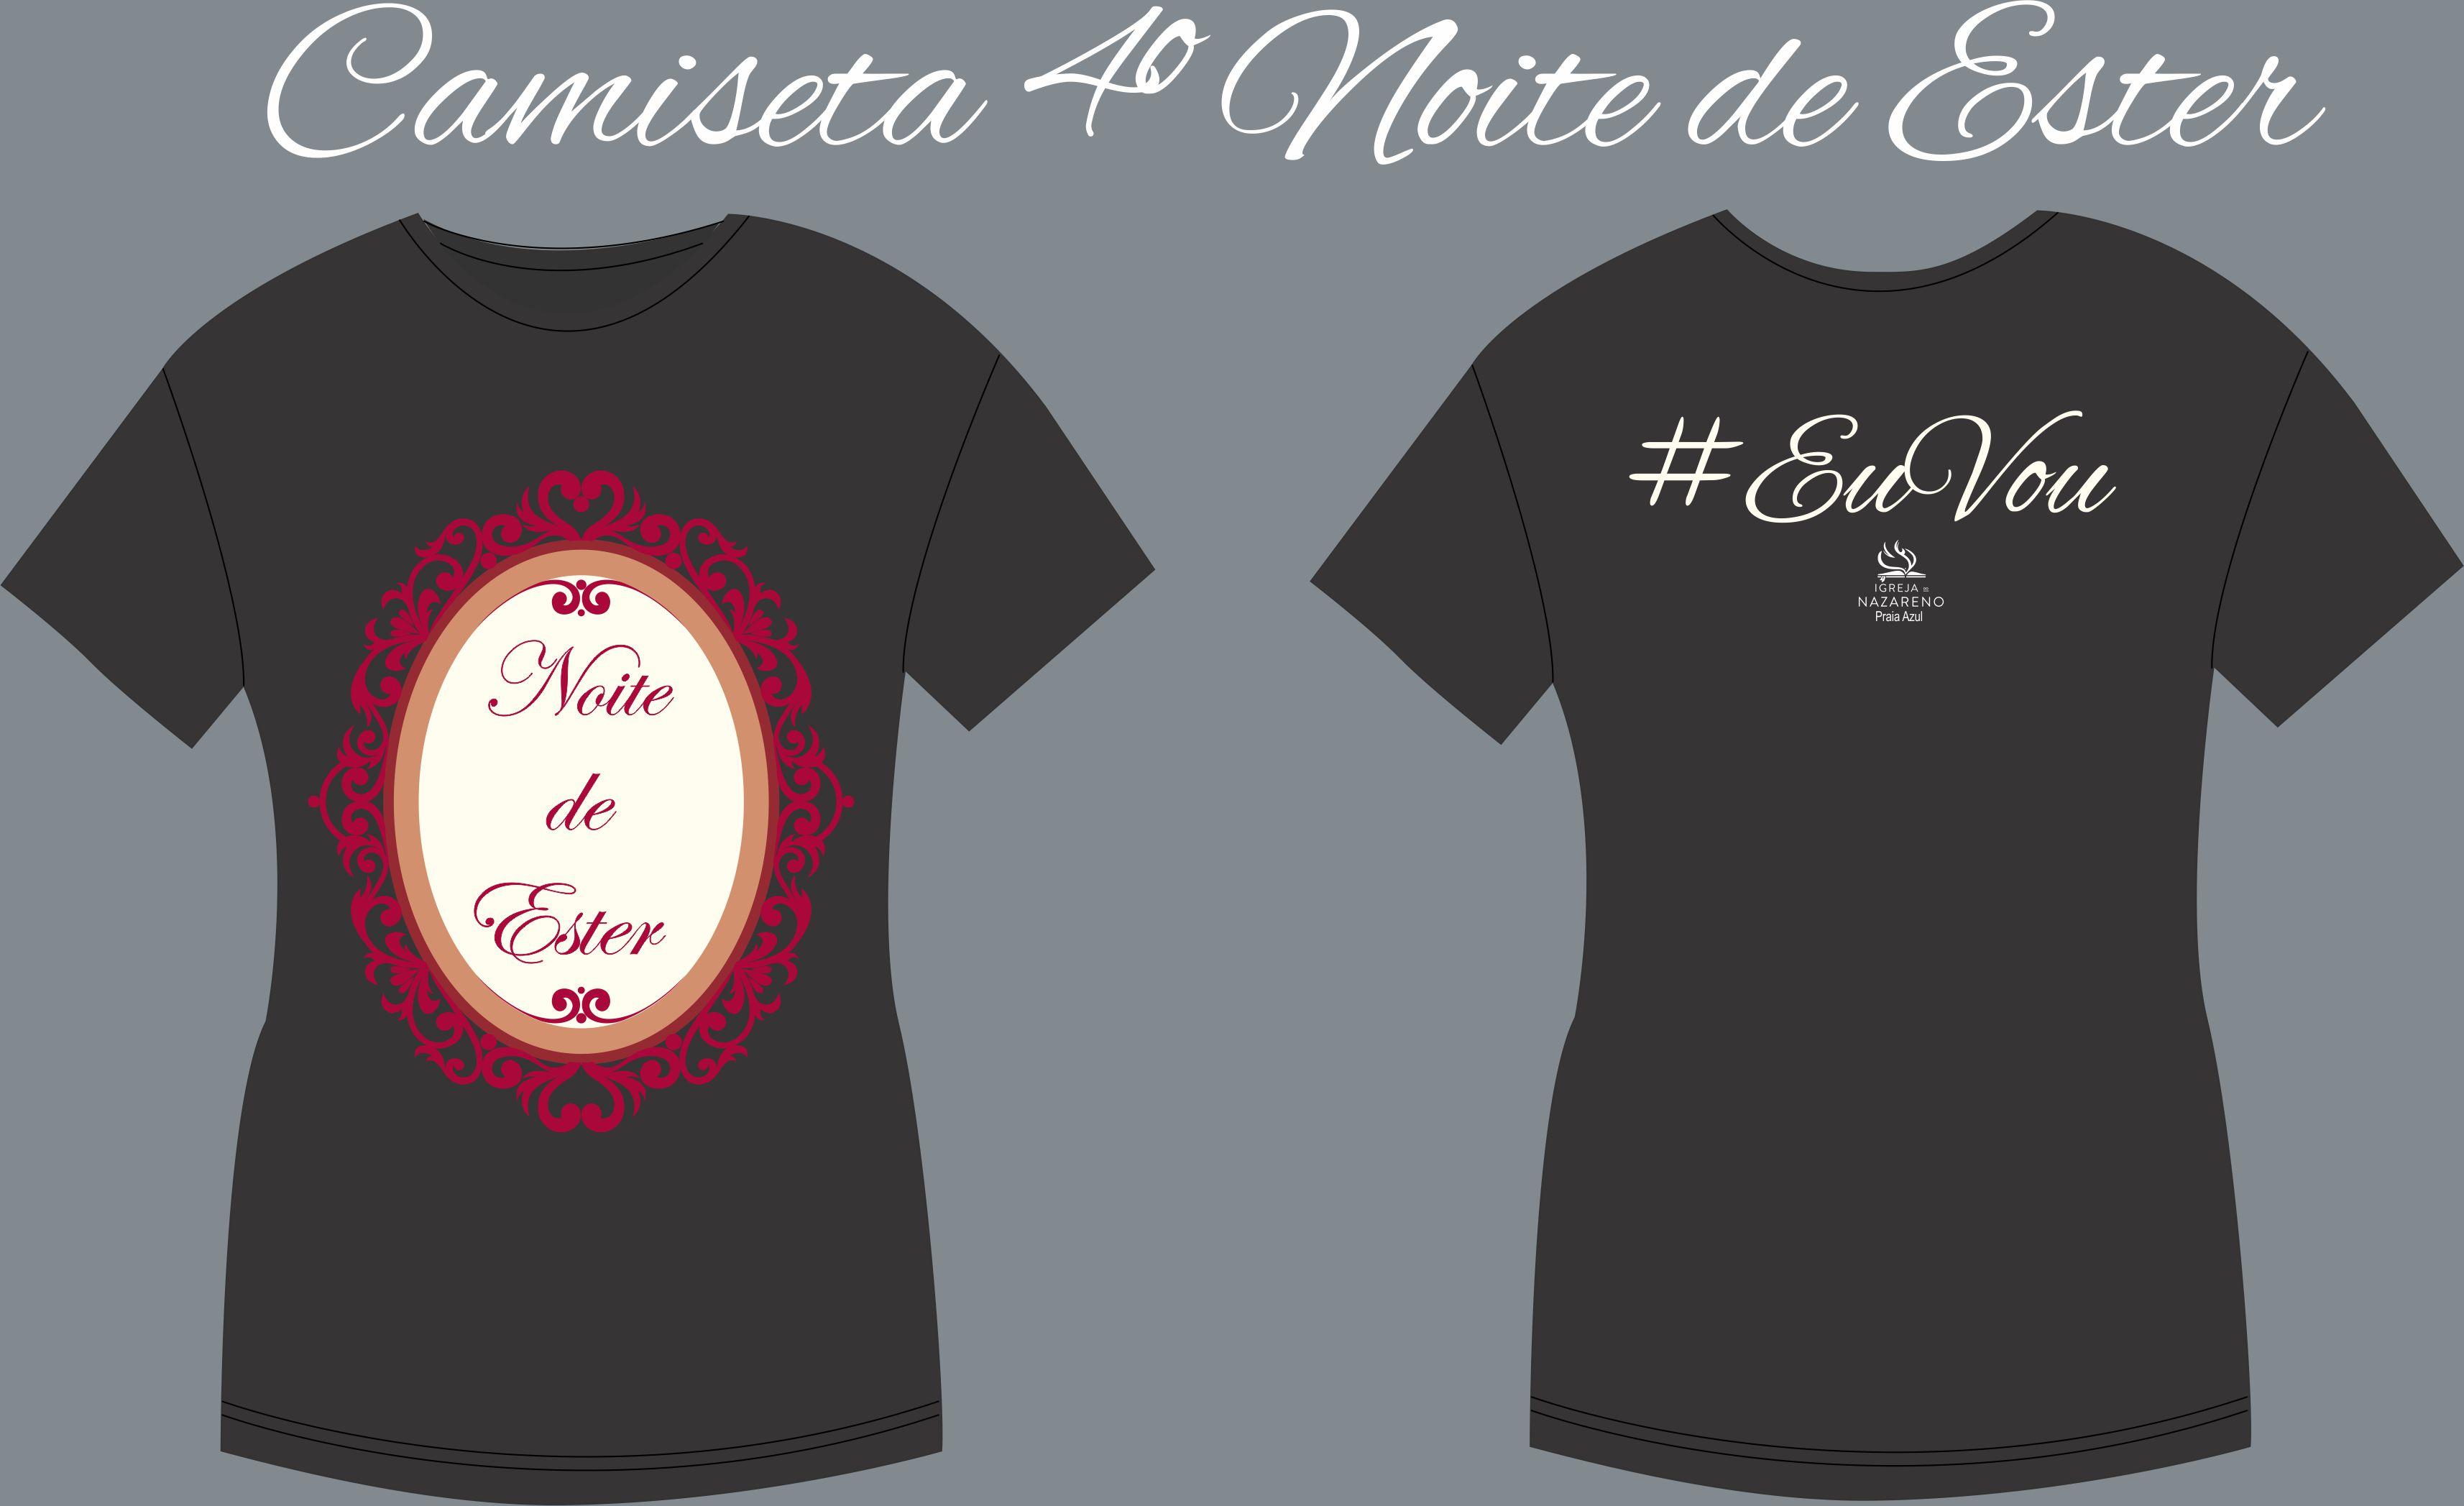 Camiseta 4ª Noite de Ester 2017